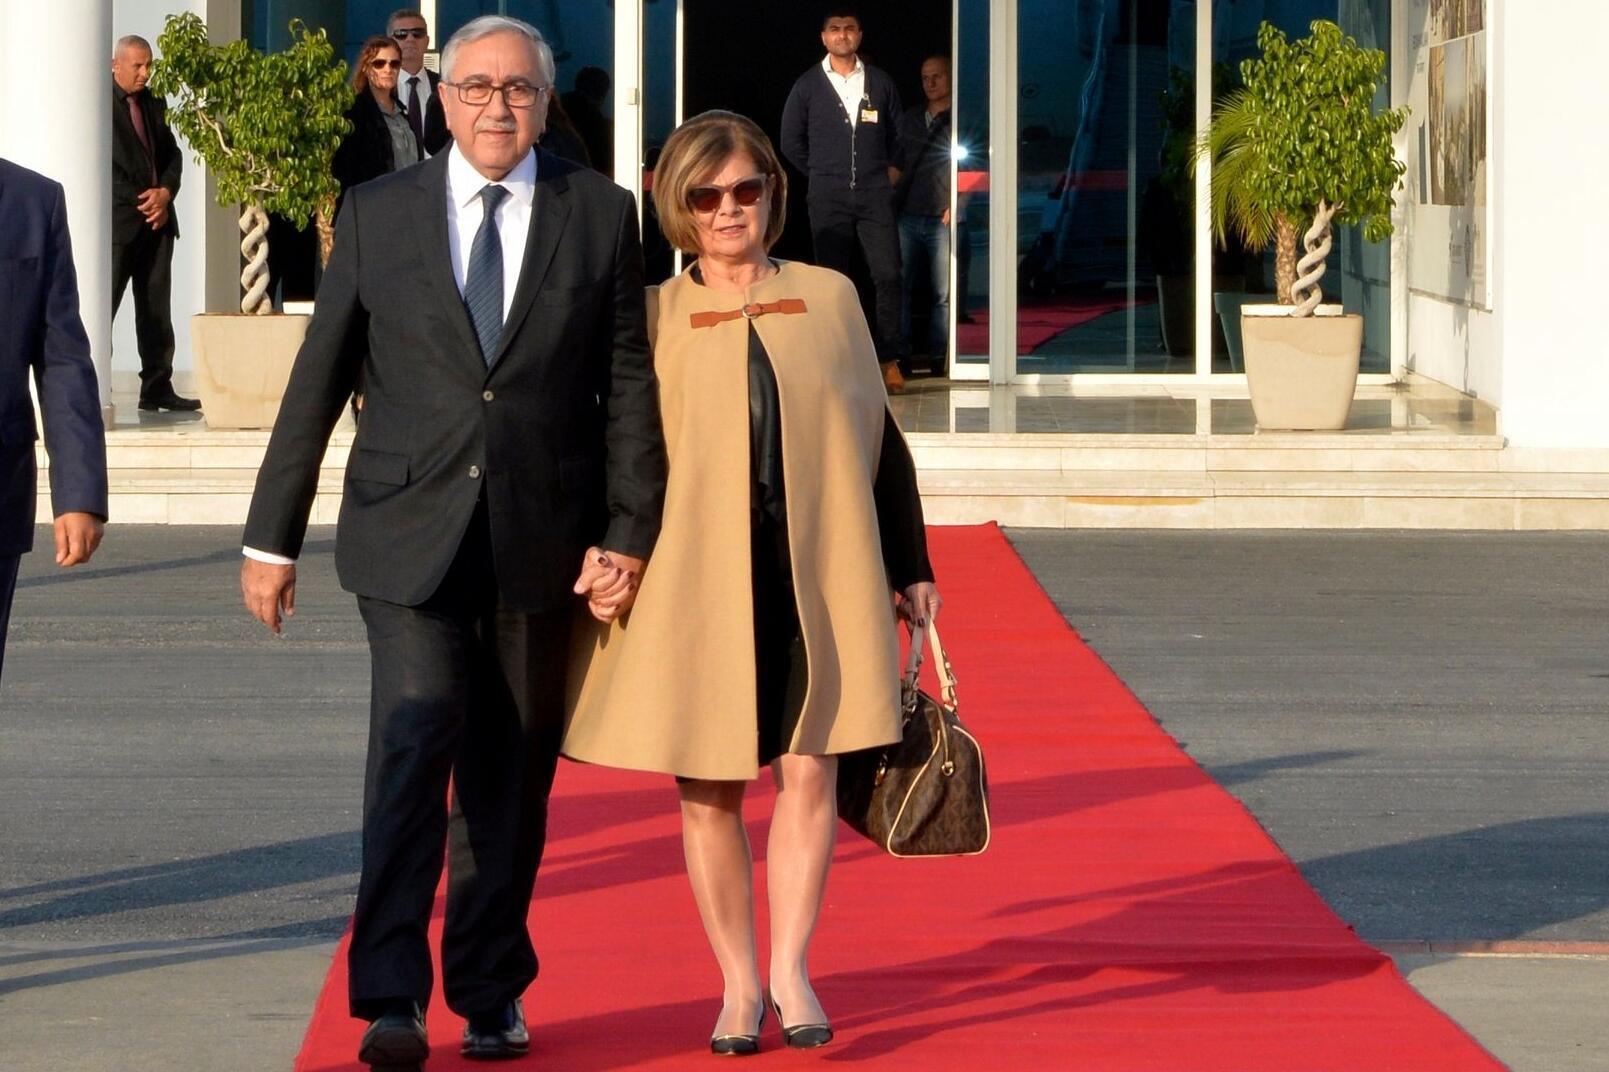 Turkish Cypriot leader hopeful of reviving UN-led talks